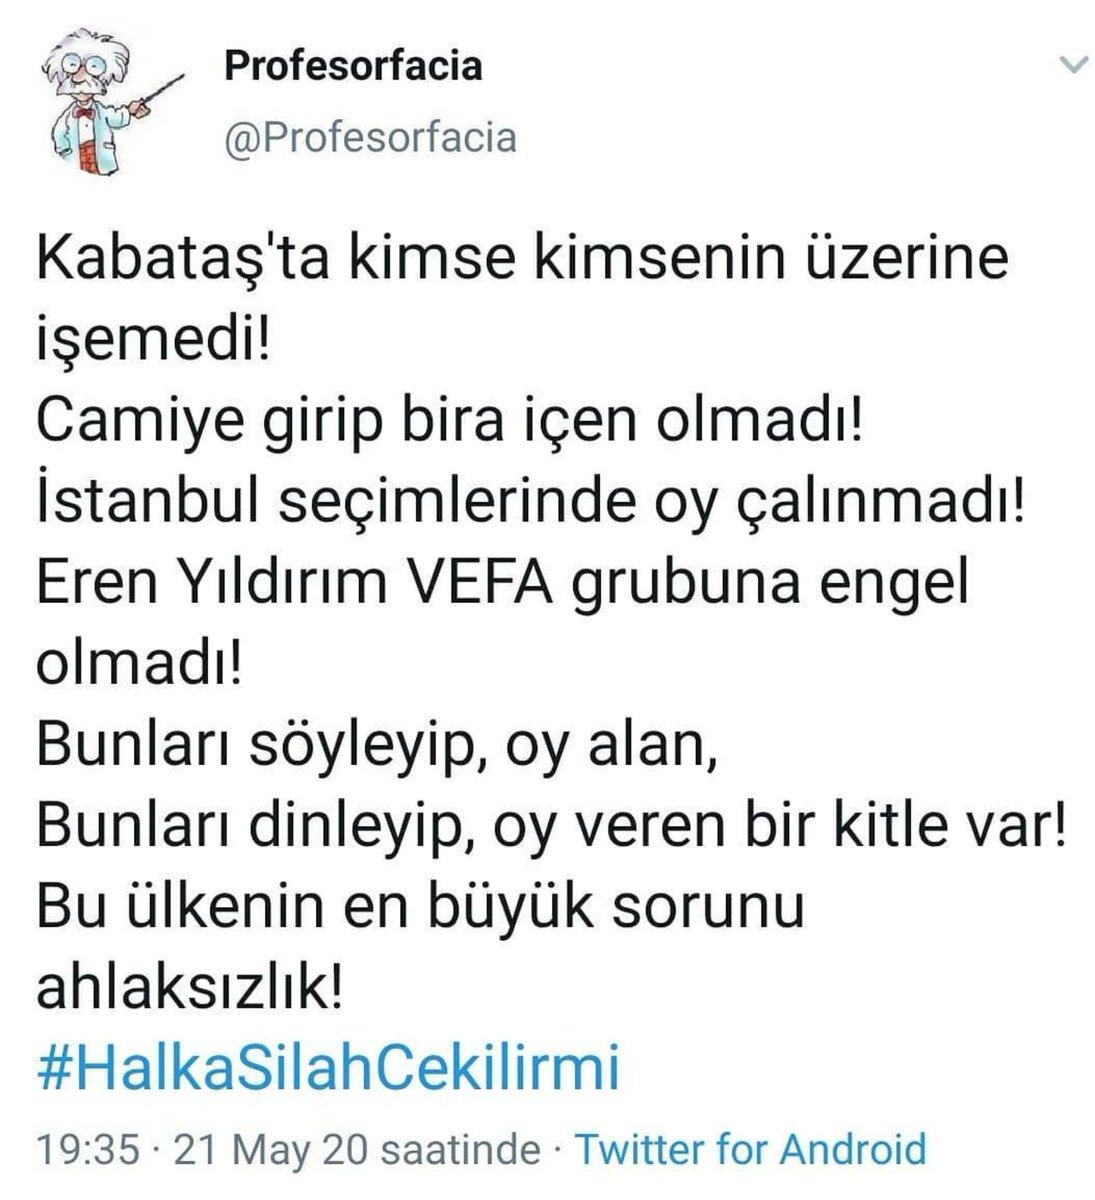 #EkonomiyeSaldırı #Ekonomi #dolar #istanbul #Turkey #TBMM #tbmm100yasinda #barolarbirliği #gerceginpesinde #iftiracılar #dintüccarları #AdanadaProvokasyon #adalet #özgurluk #demokrasi #hukuk #sosyaldevlet #turkiyecumhuriyeti #TRTKAPATILSIN #trtyalnızdeğildir #issizlik #Twitter https://t.co/Q6FRvo500K